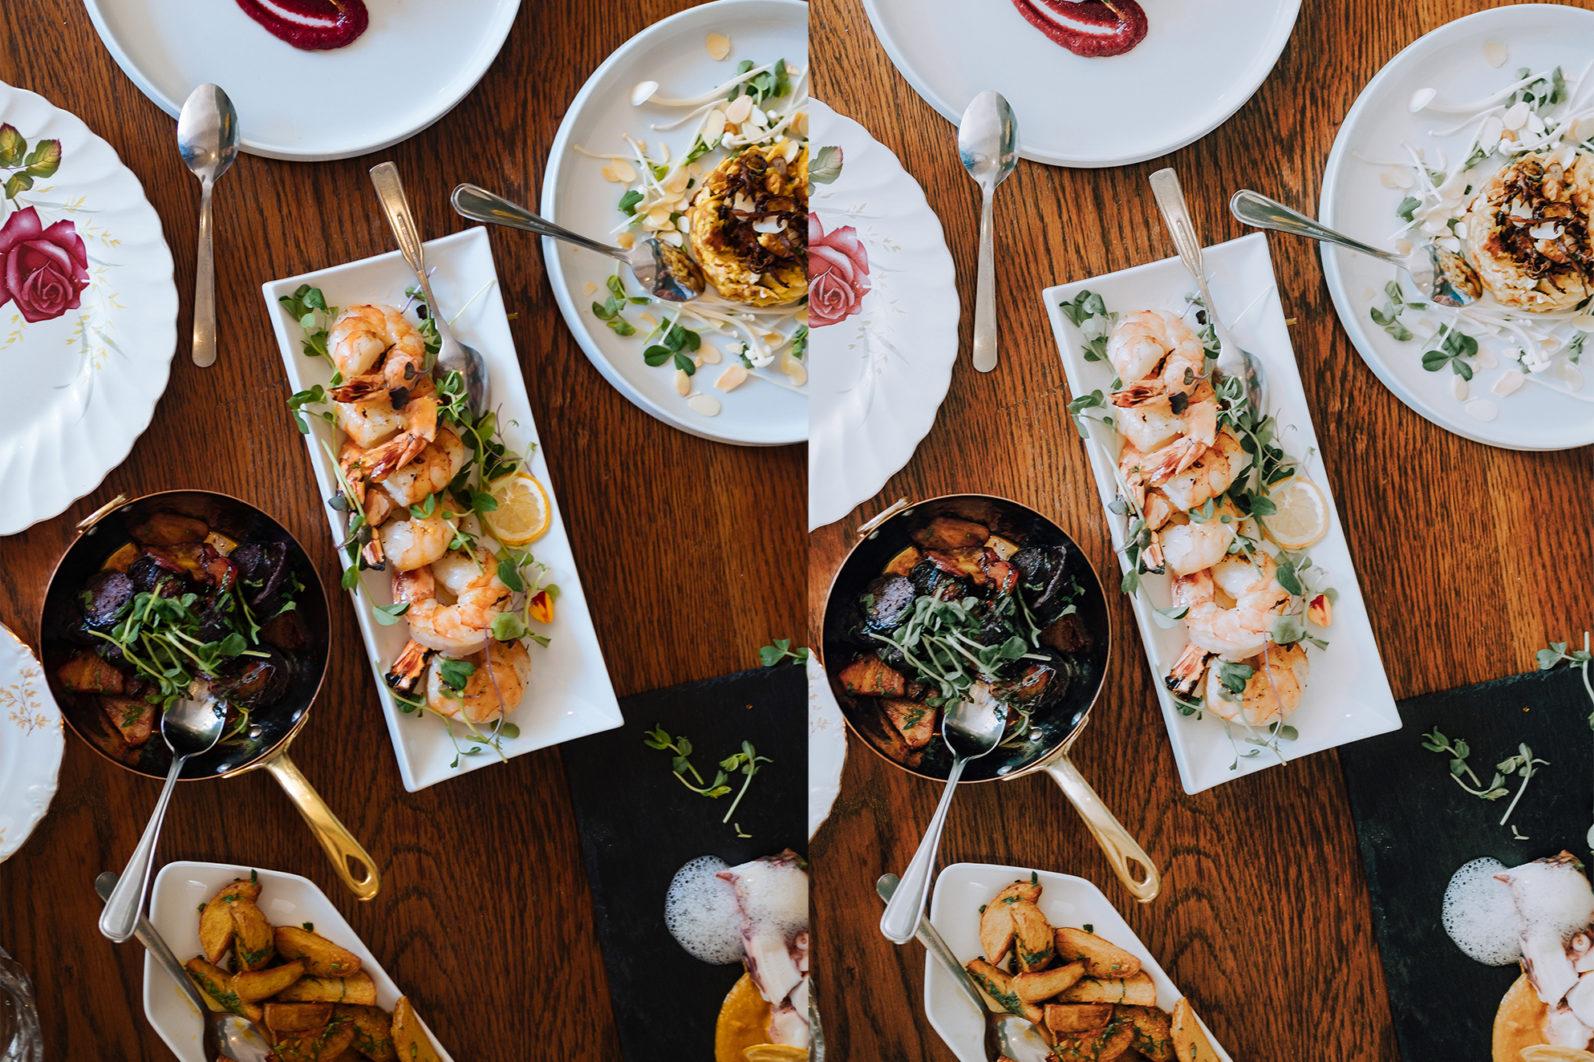 Food Blogger Vol. 1 Lightroom Presets - Desktop and Mobile - 10 Food Blogger 1 -